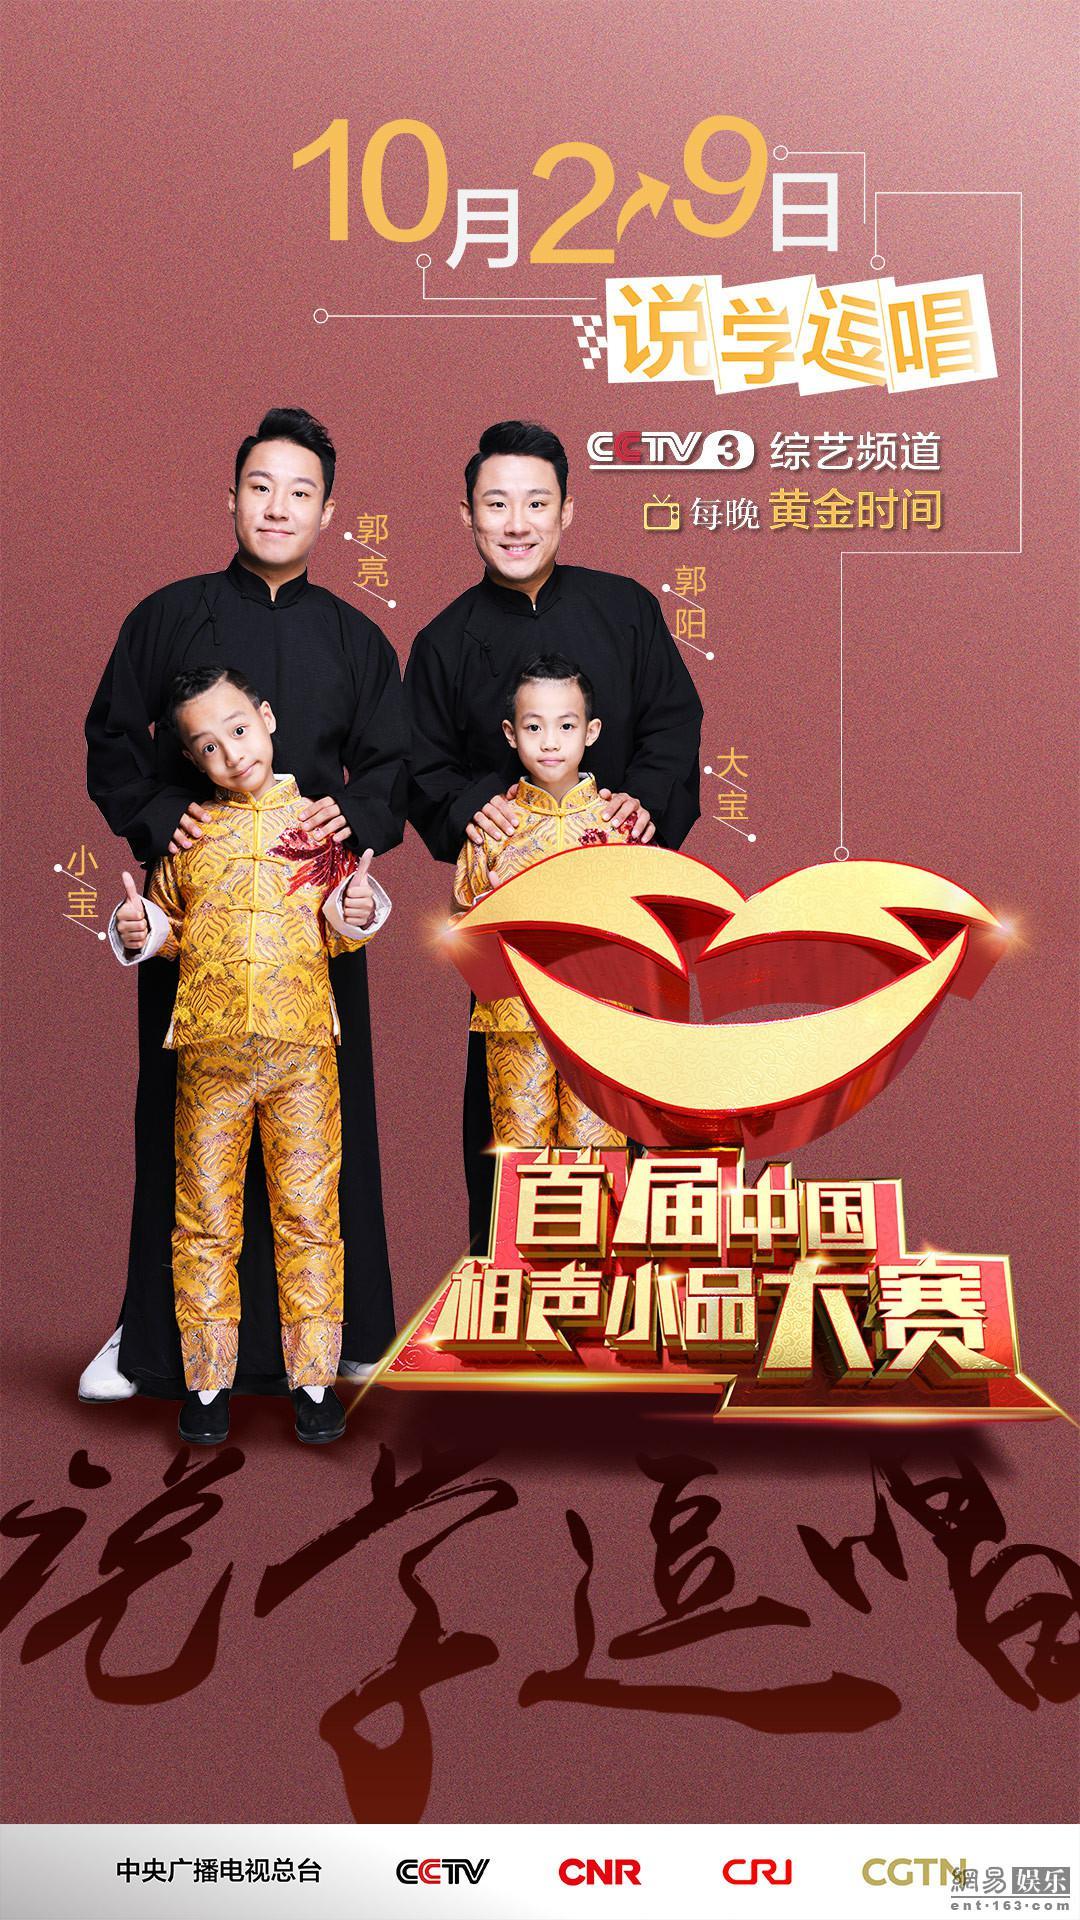 《首届中国相声小品大赛》播出 评委指点迷津阵容强[标签:关键词]